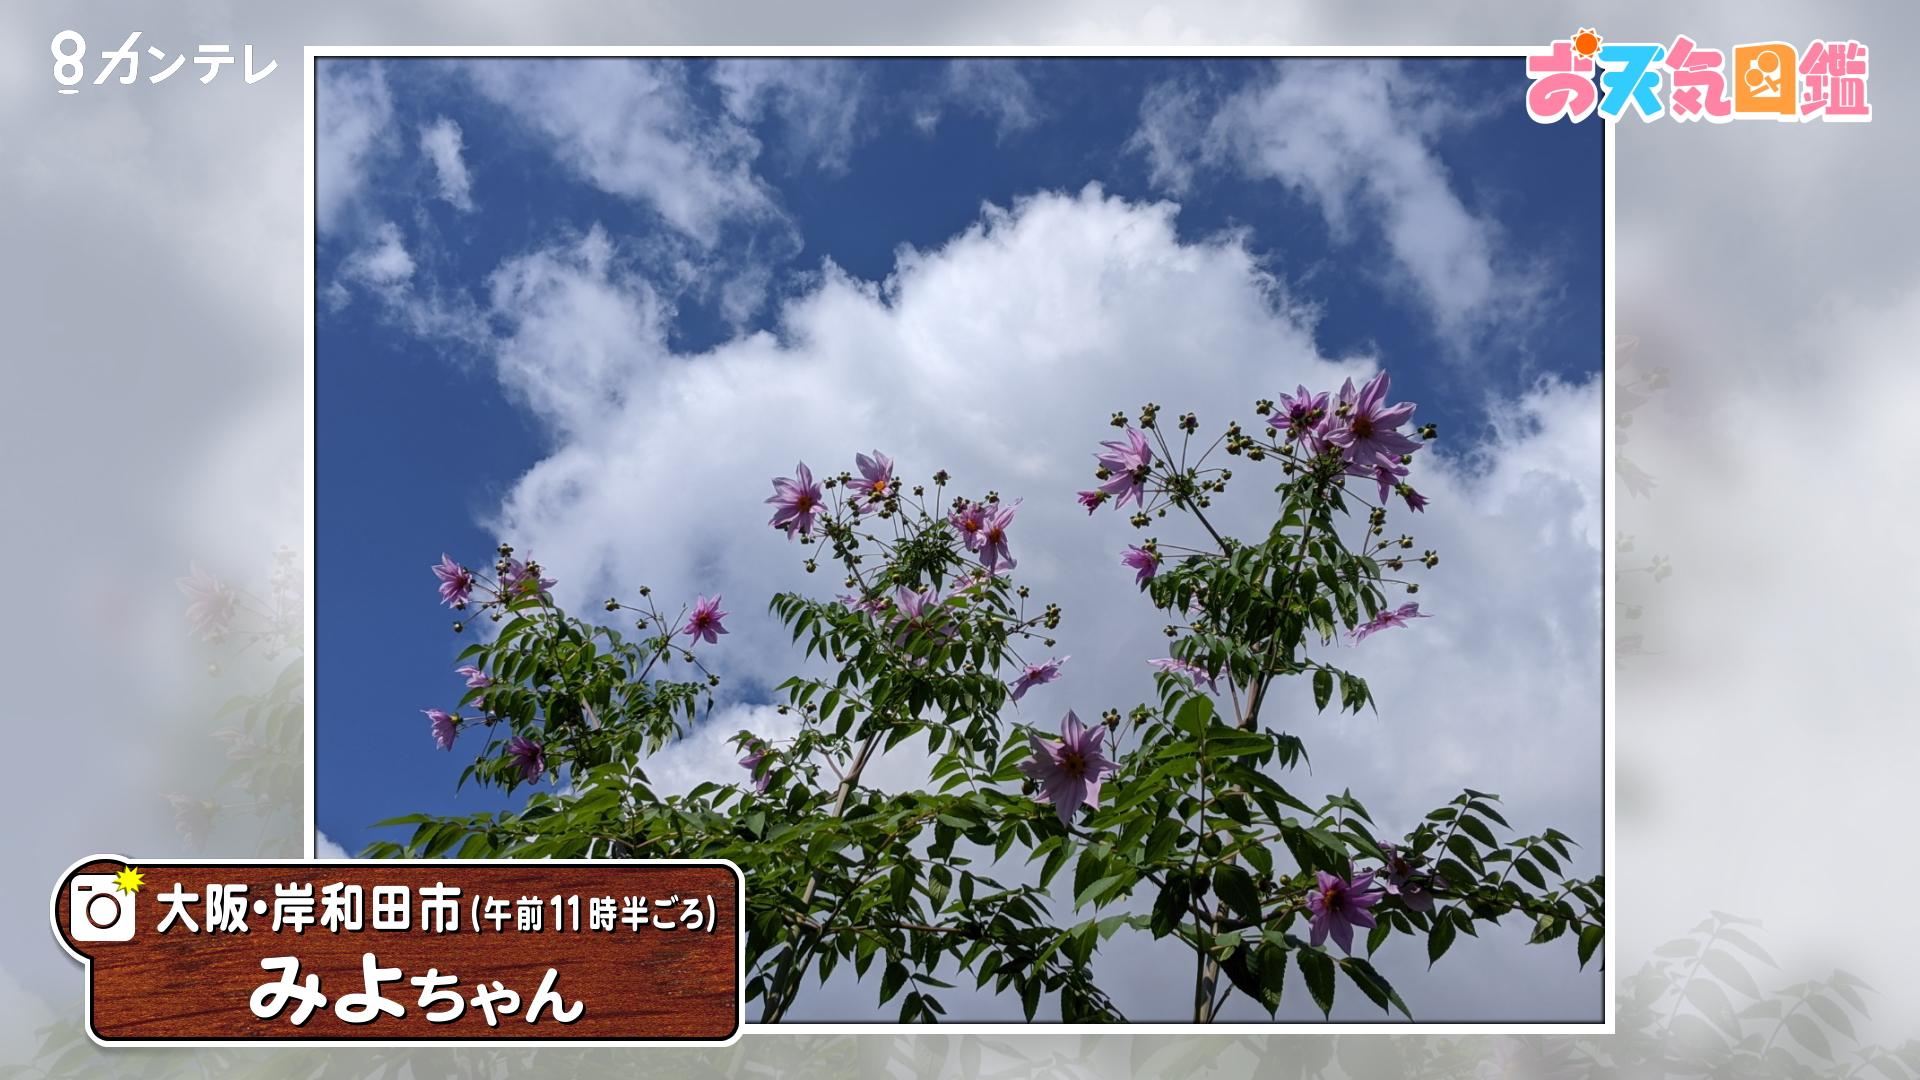 「青空に映える『皇帝ダリア』」(大阪・岸和田市)